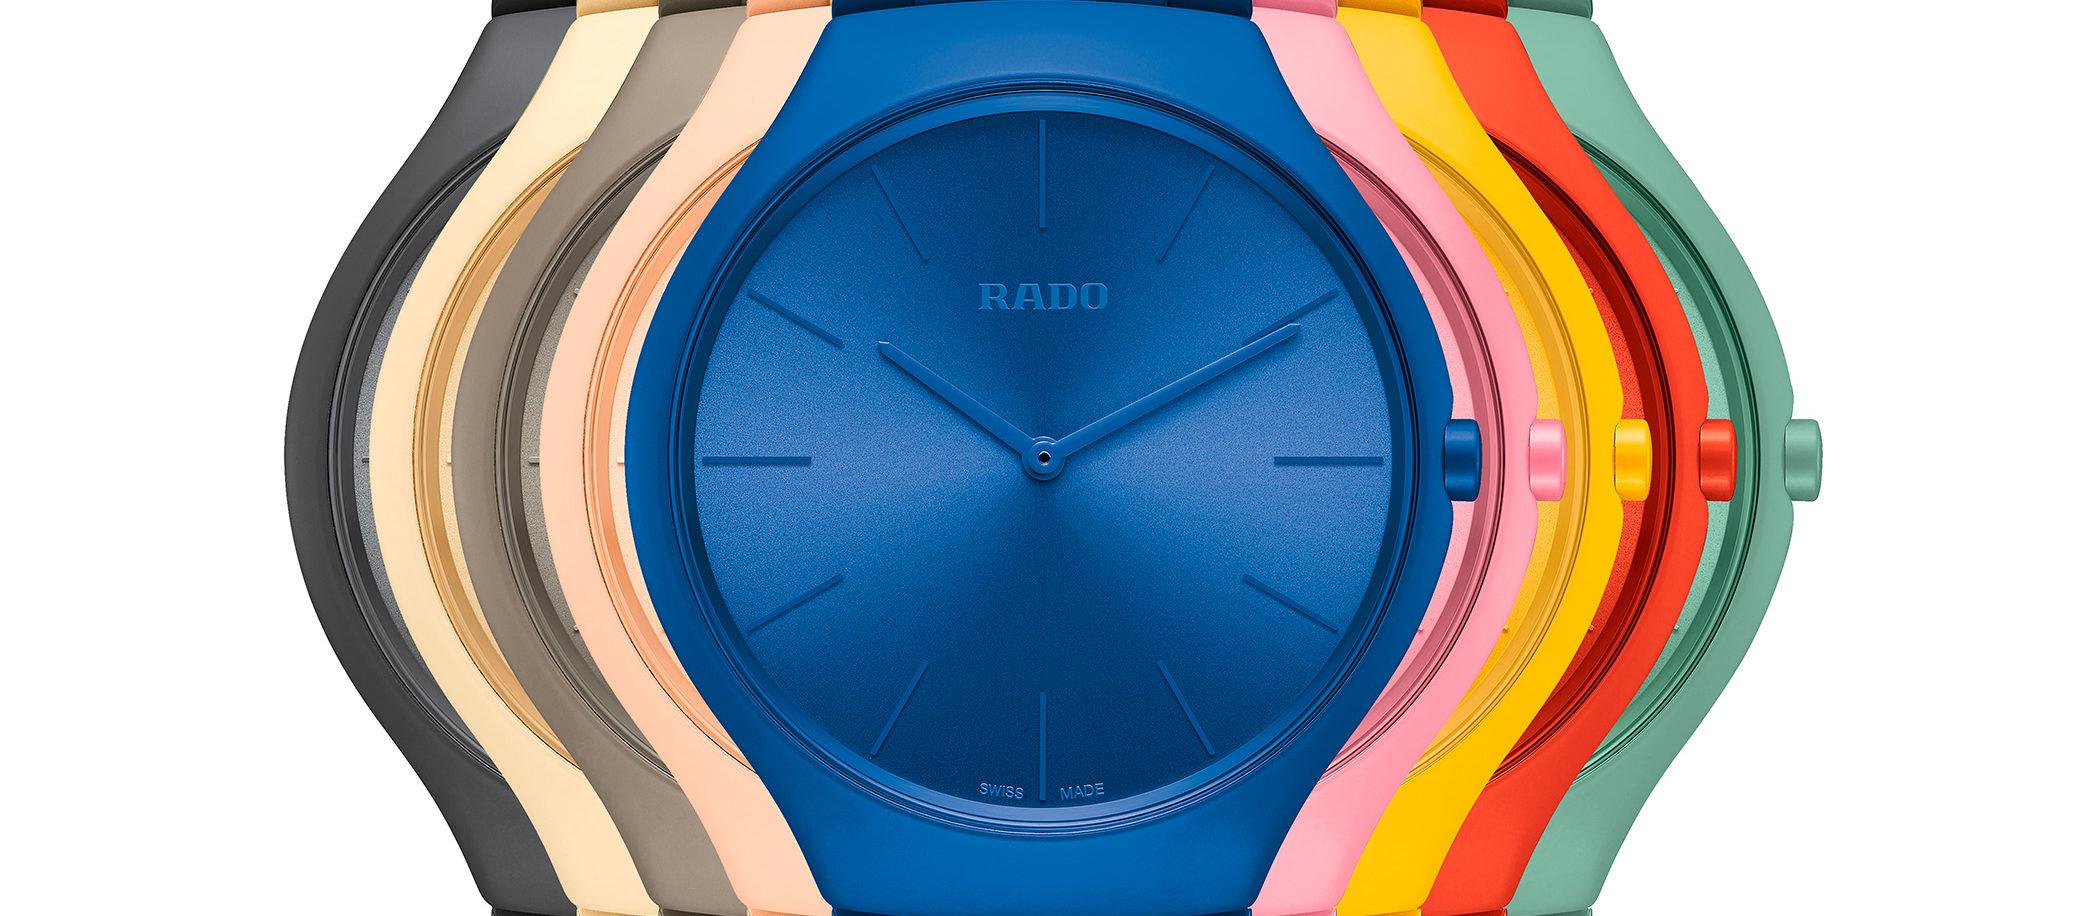 Rado True Thinline Les Couleurs Le Corbusier